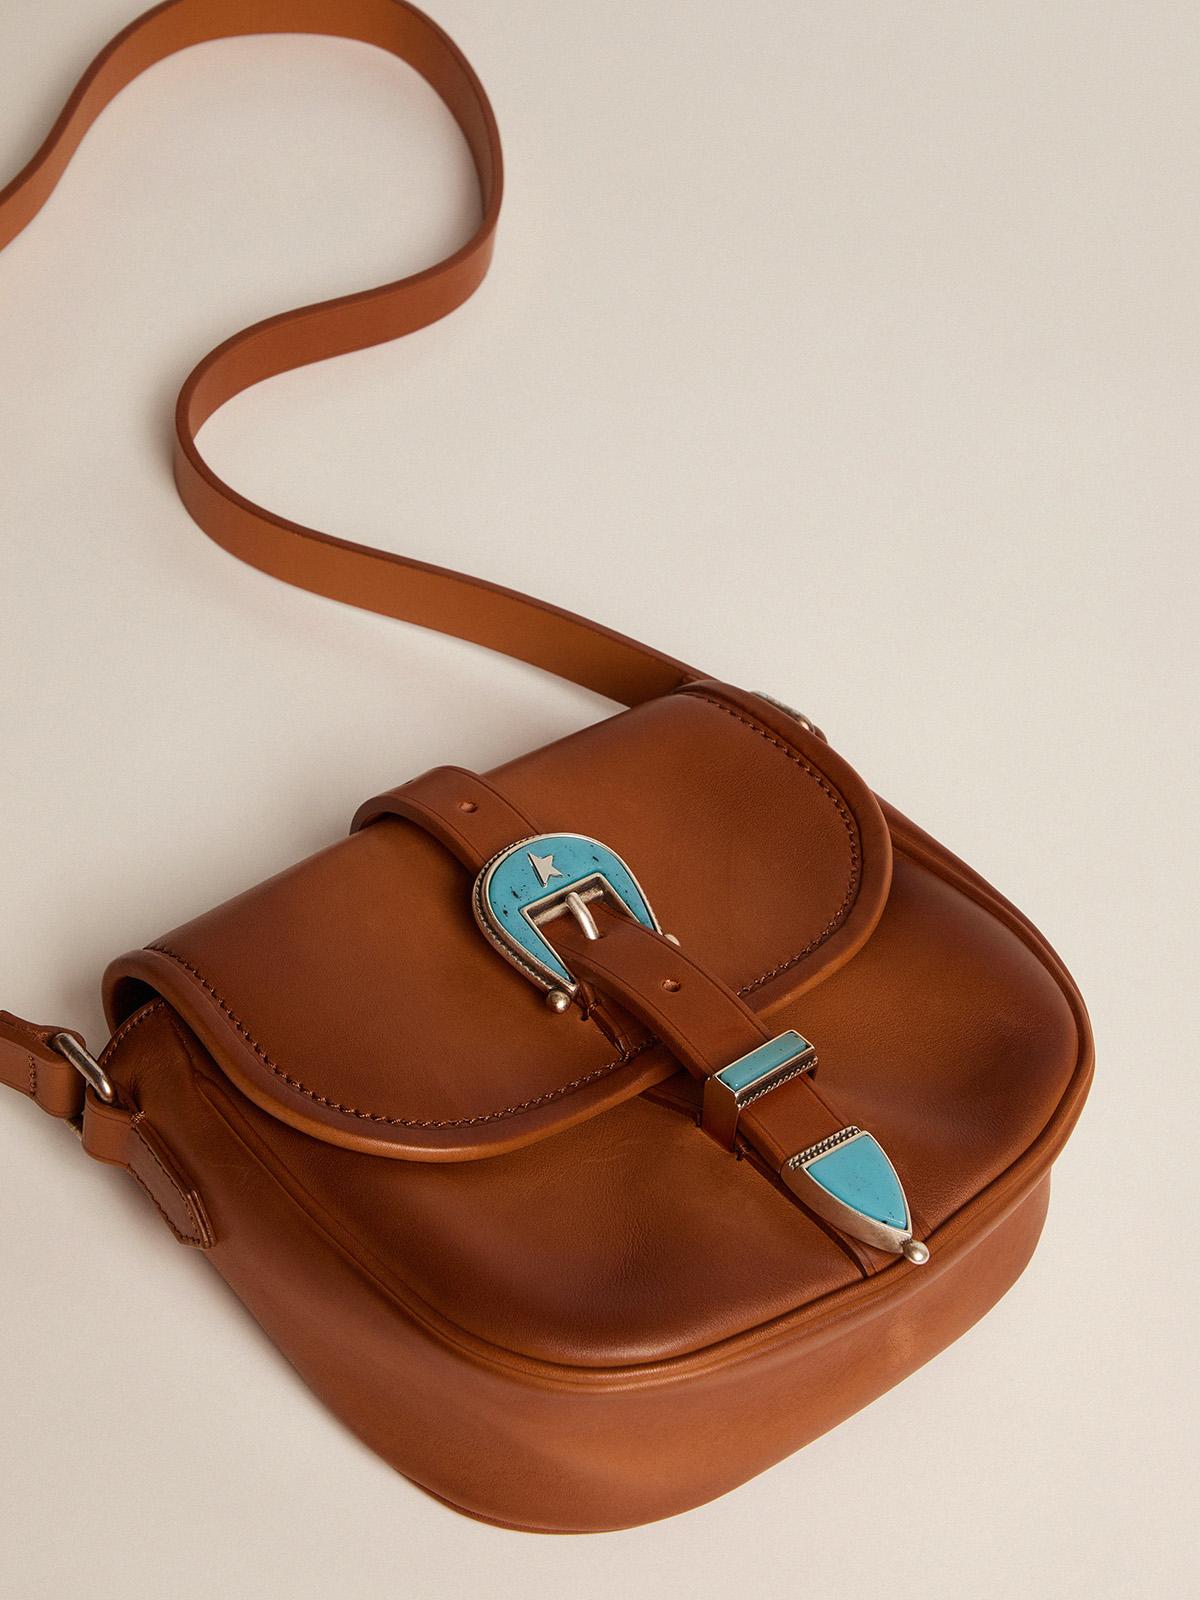 Golden Goose - Borsa Rodeo Bag small in pelle cuoio chiaro con fibbia azzurra   in